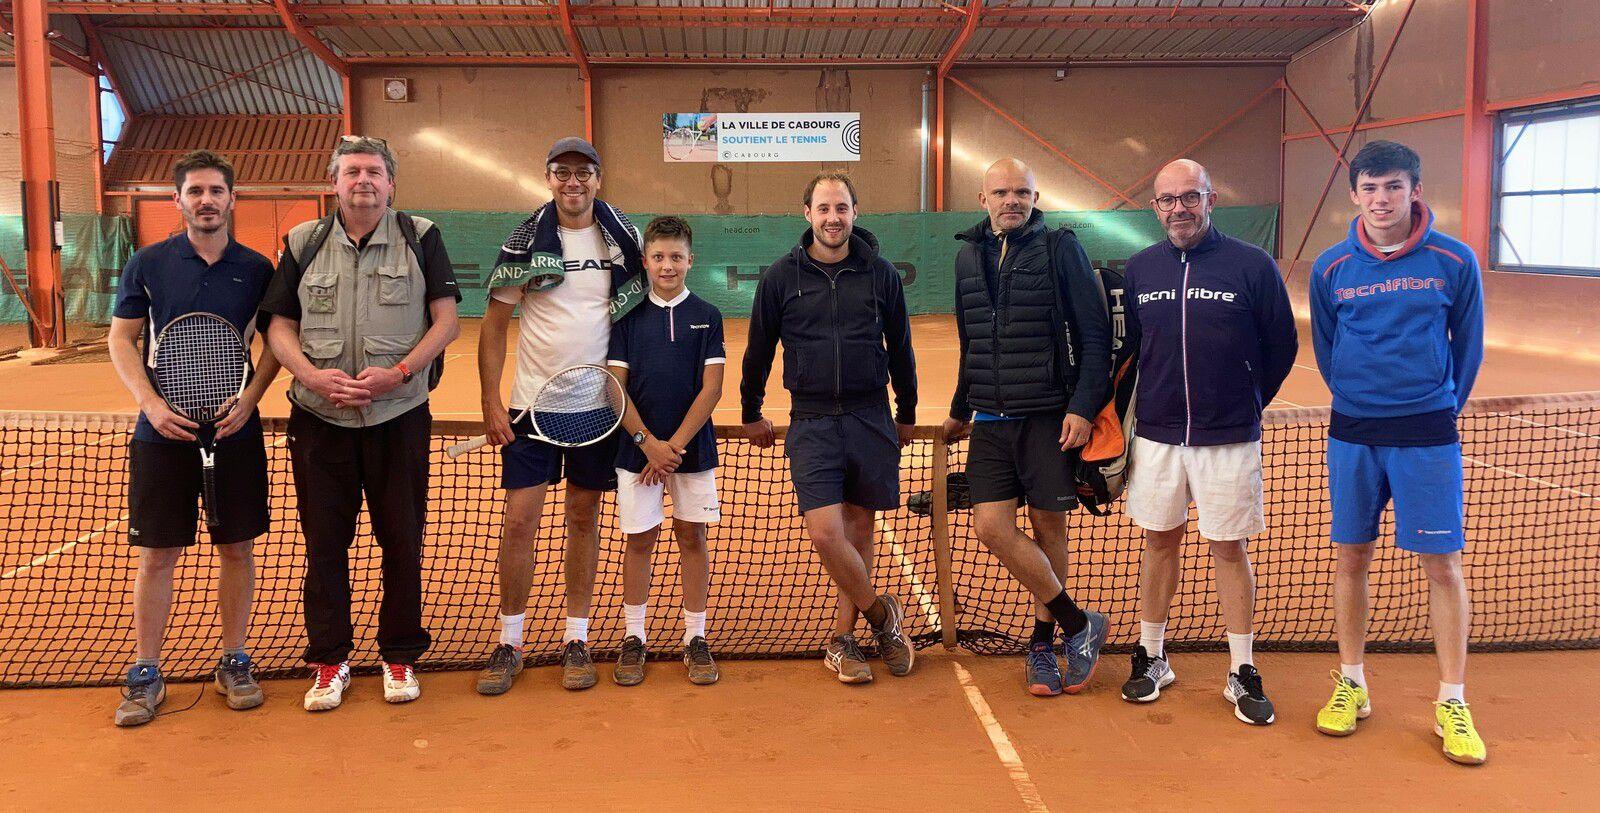 De gauche à droite : Alexis Guiheneuf, Sylvain Bouvier, Benjamin et Louis Henriet.